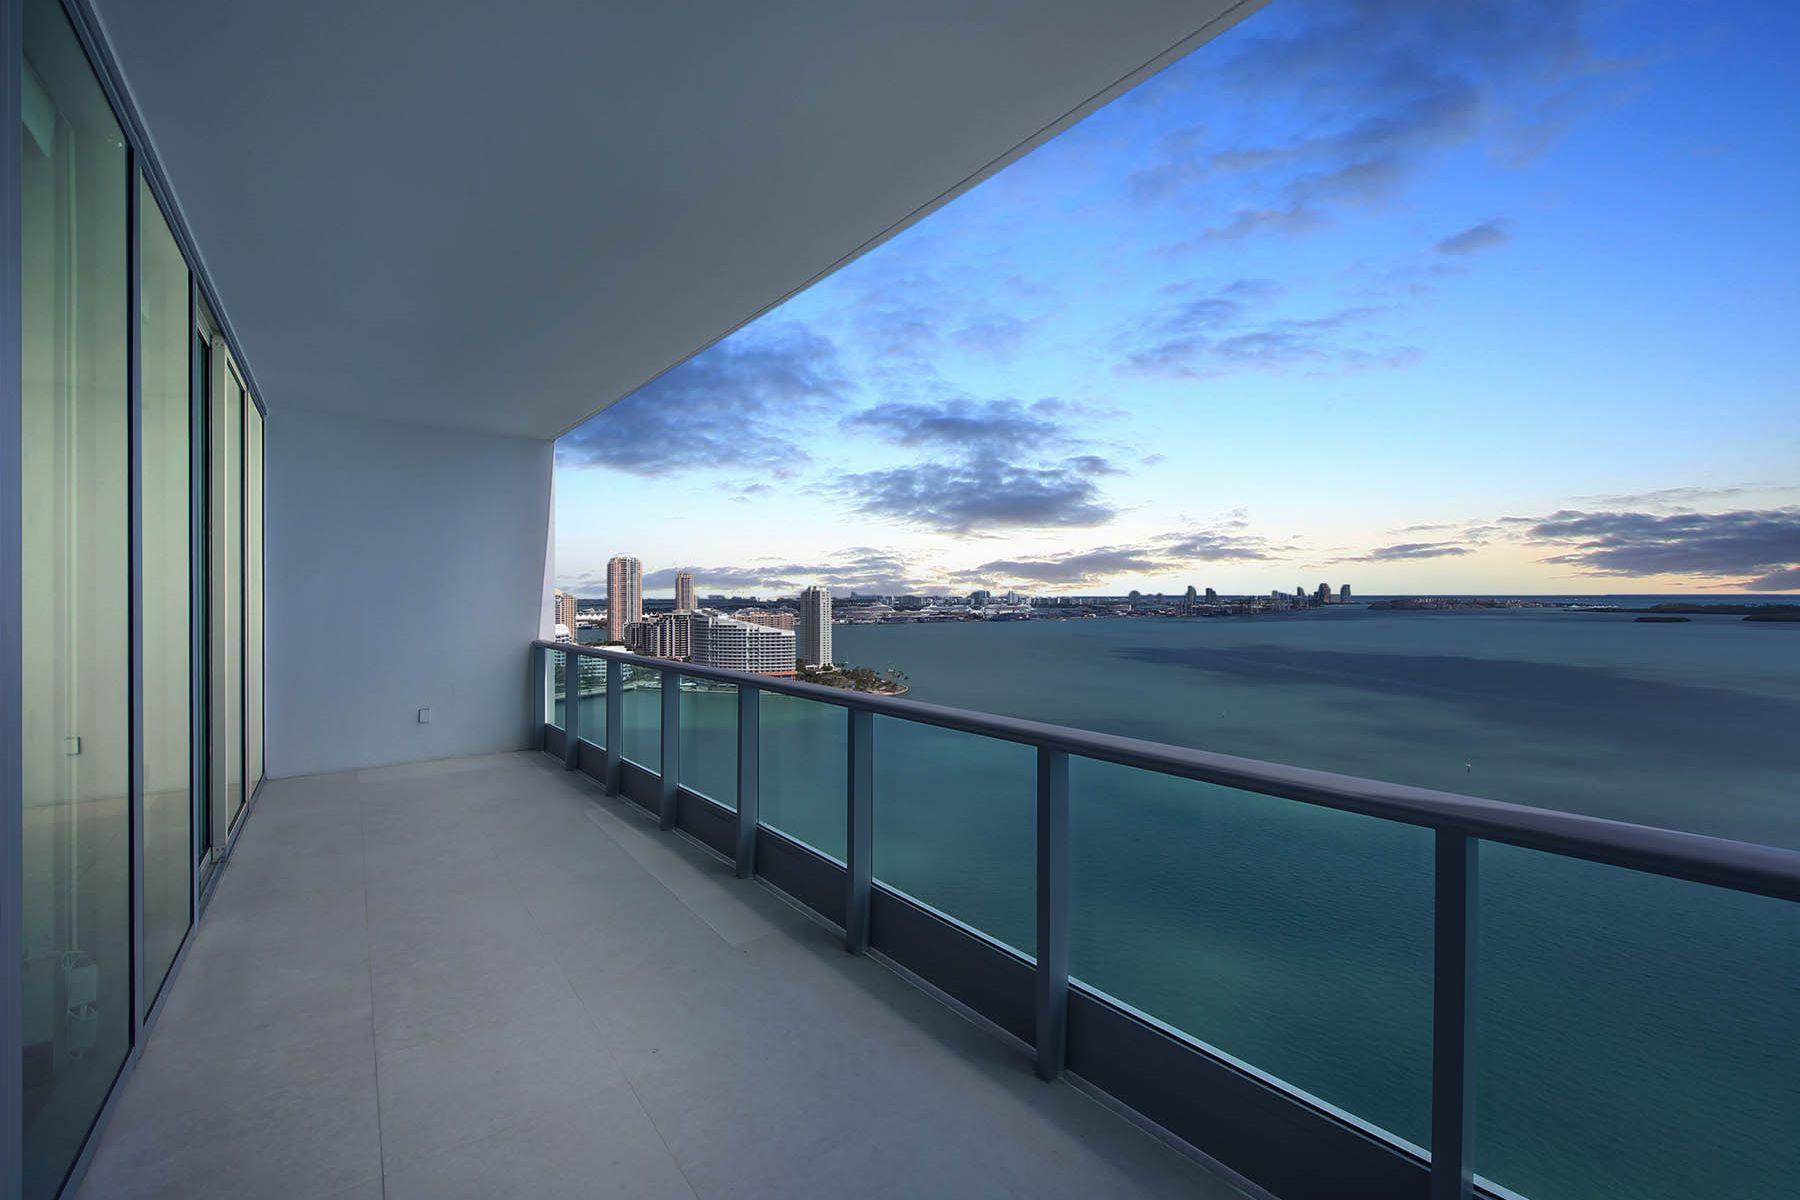 共管式独立产权公寓 为 销售 在 1331 Brickell Bay Drive 1331 Brickell Bay Drive 2905, 迈阿密, 佛罗里达州, 33131 美国